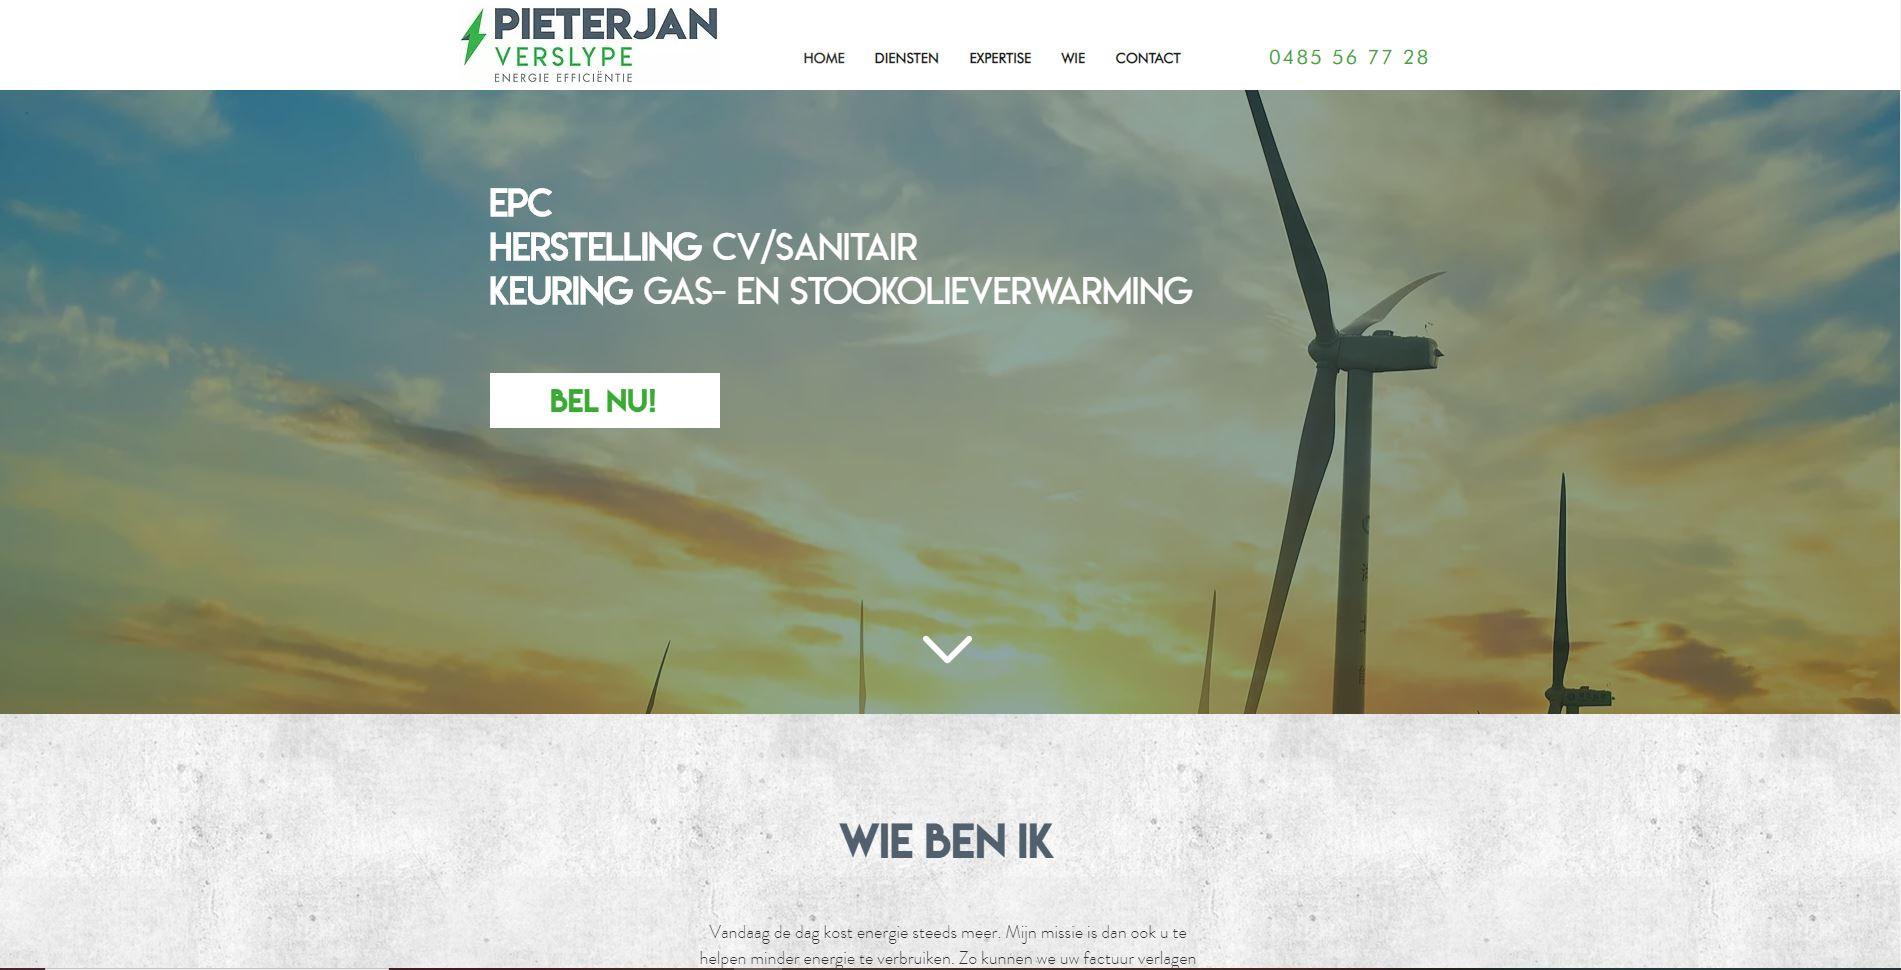 Pieterjan Verslype